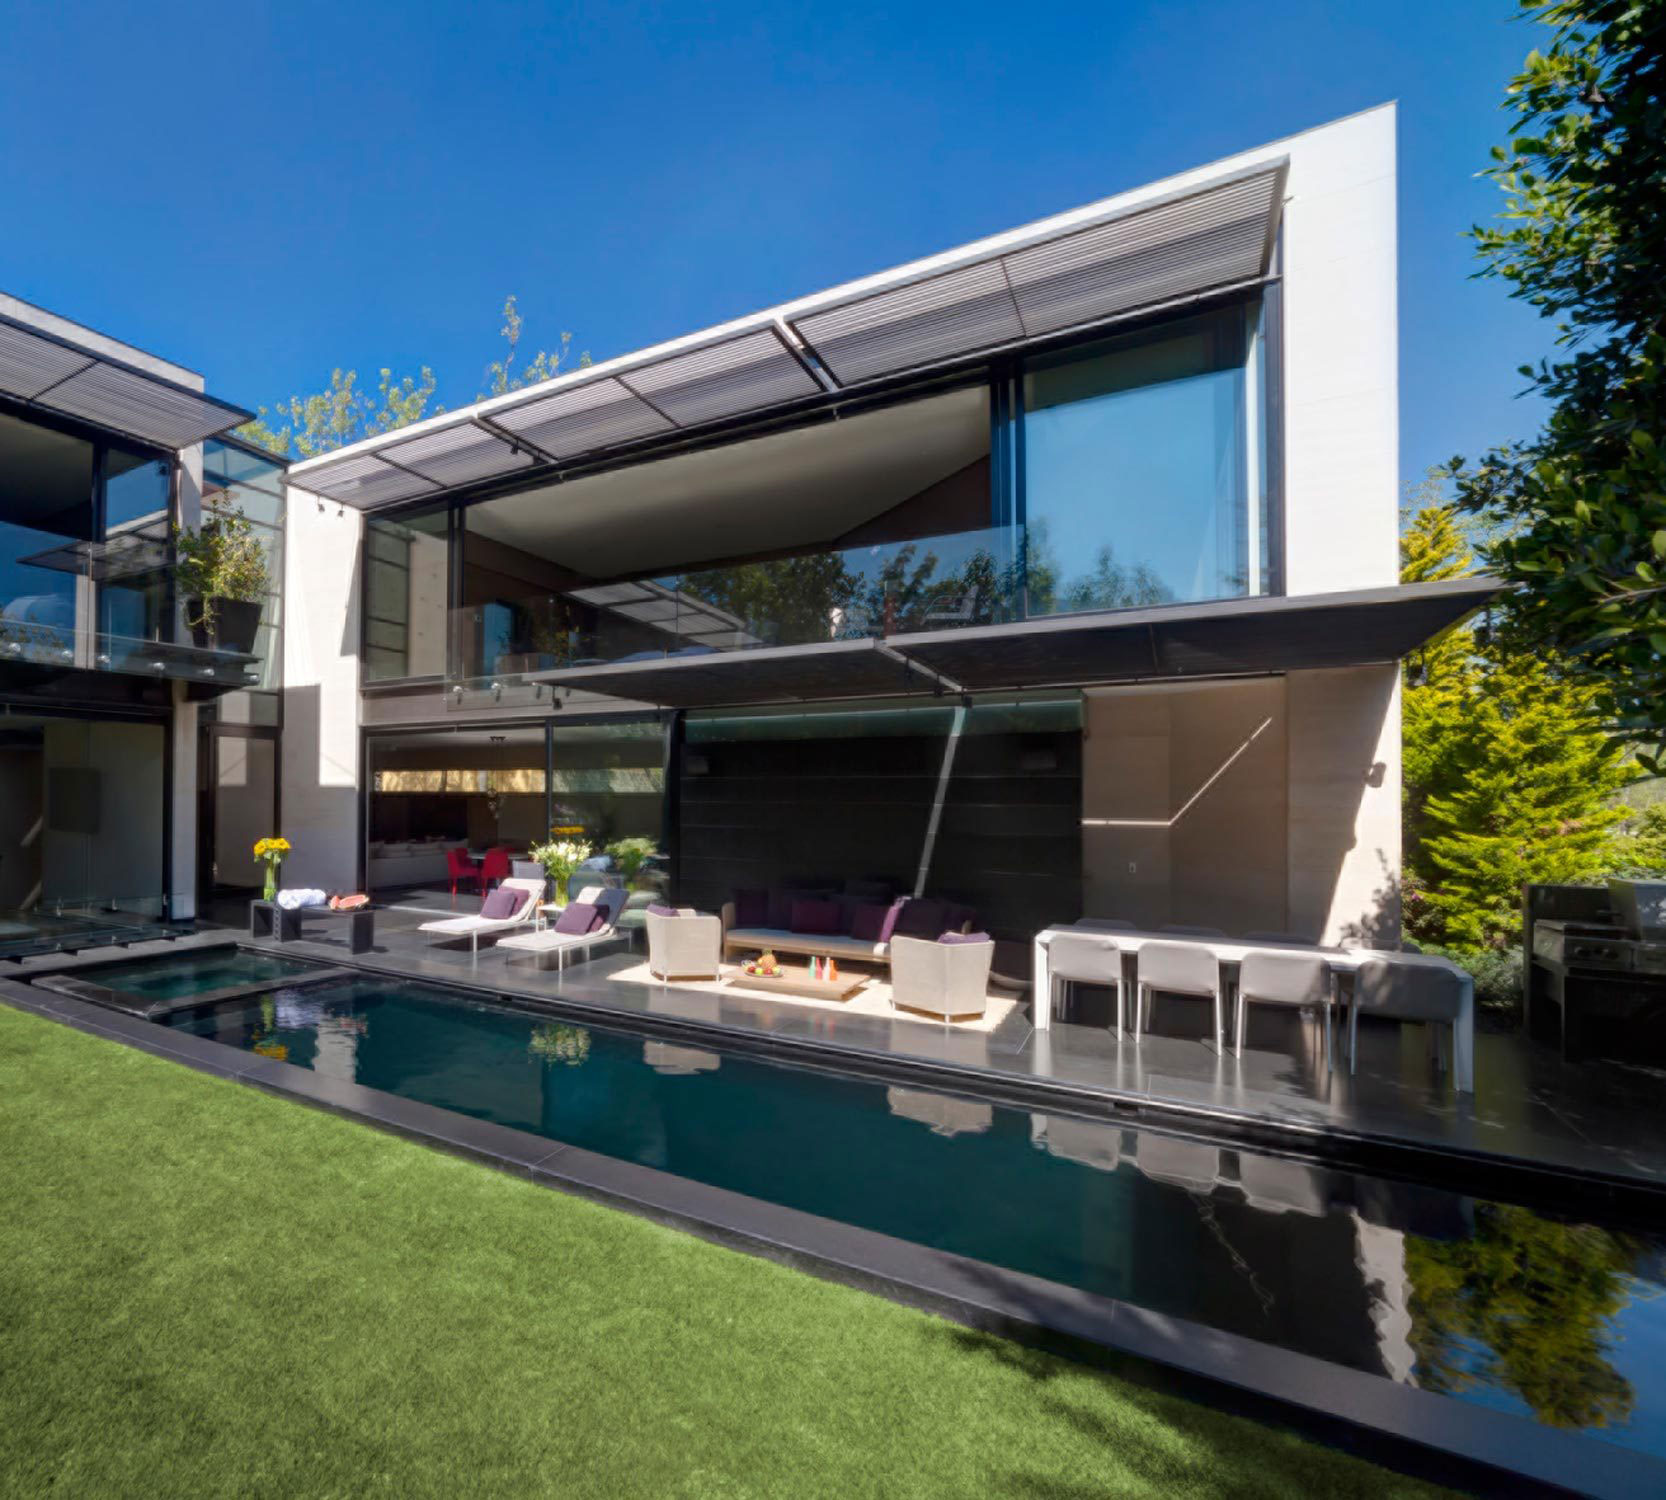 Dalias House grupoarquitectura-06